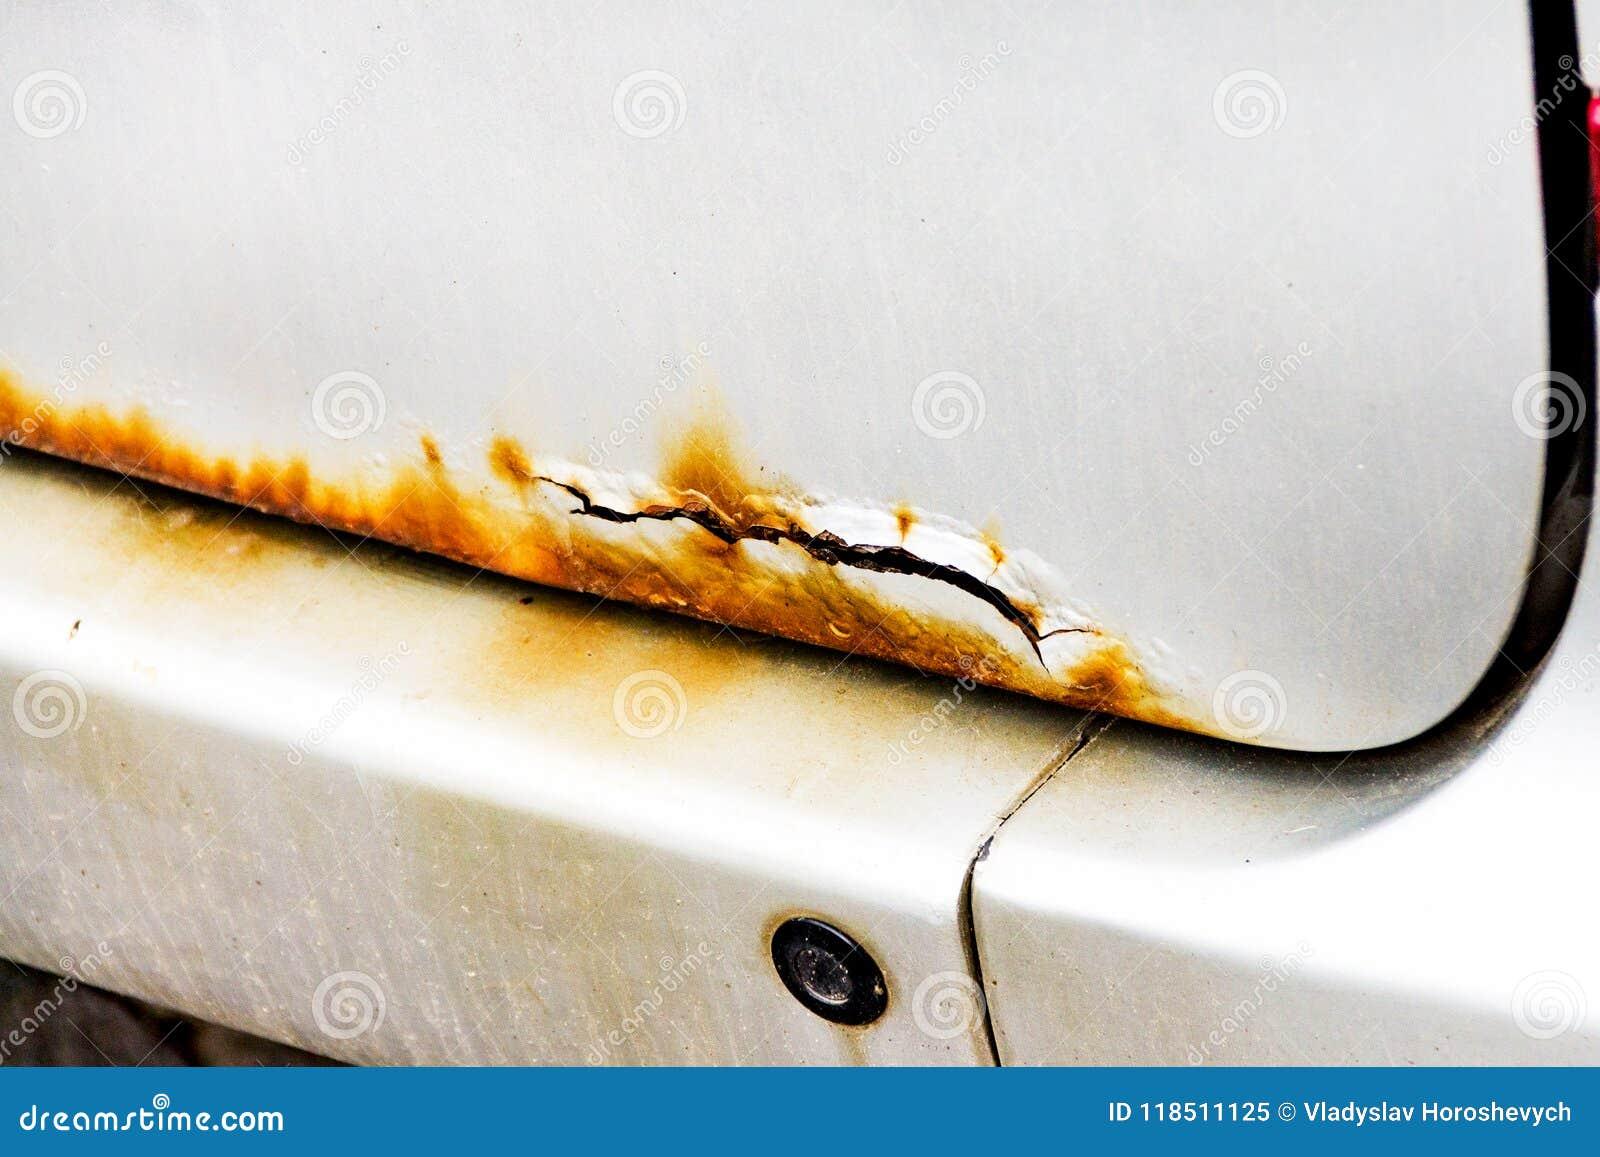 Σκουριά στο αυτοκίνητο, σπασμένο αυτοκίνητο, διάβρωση στο καπάκι κορμών